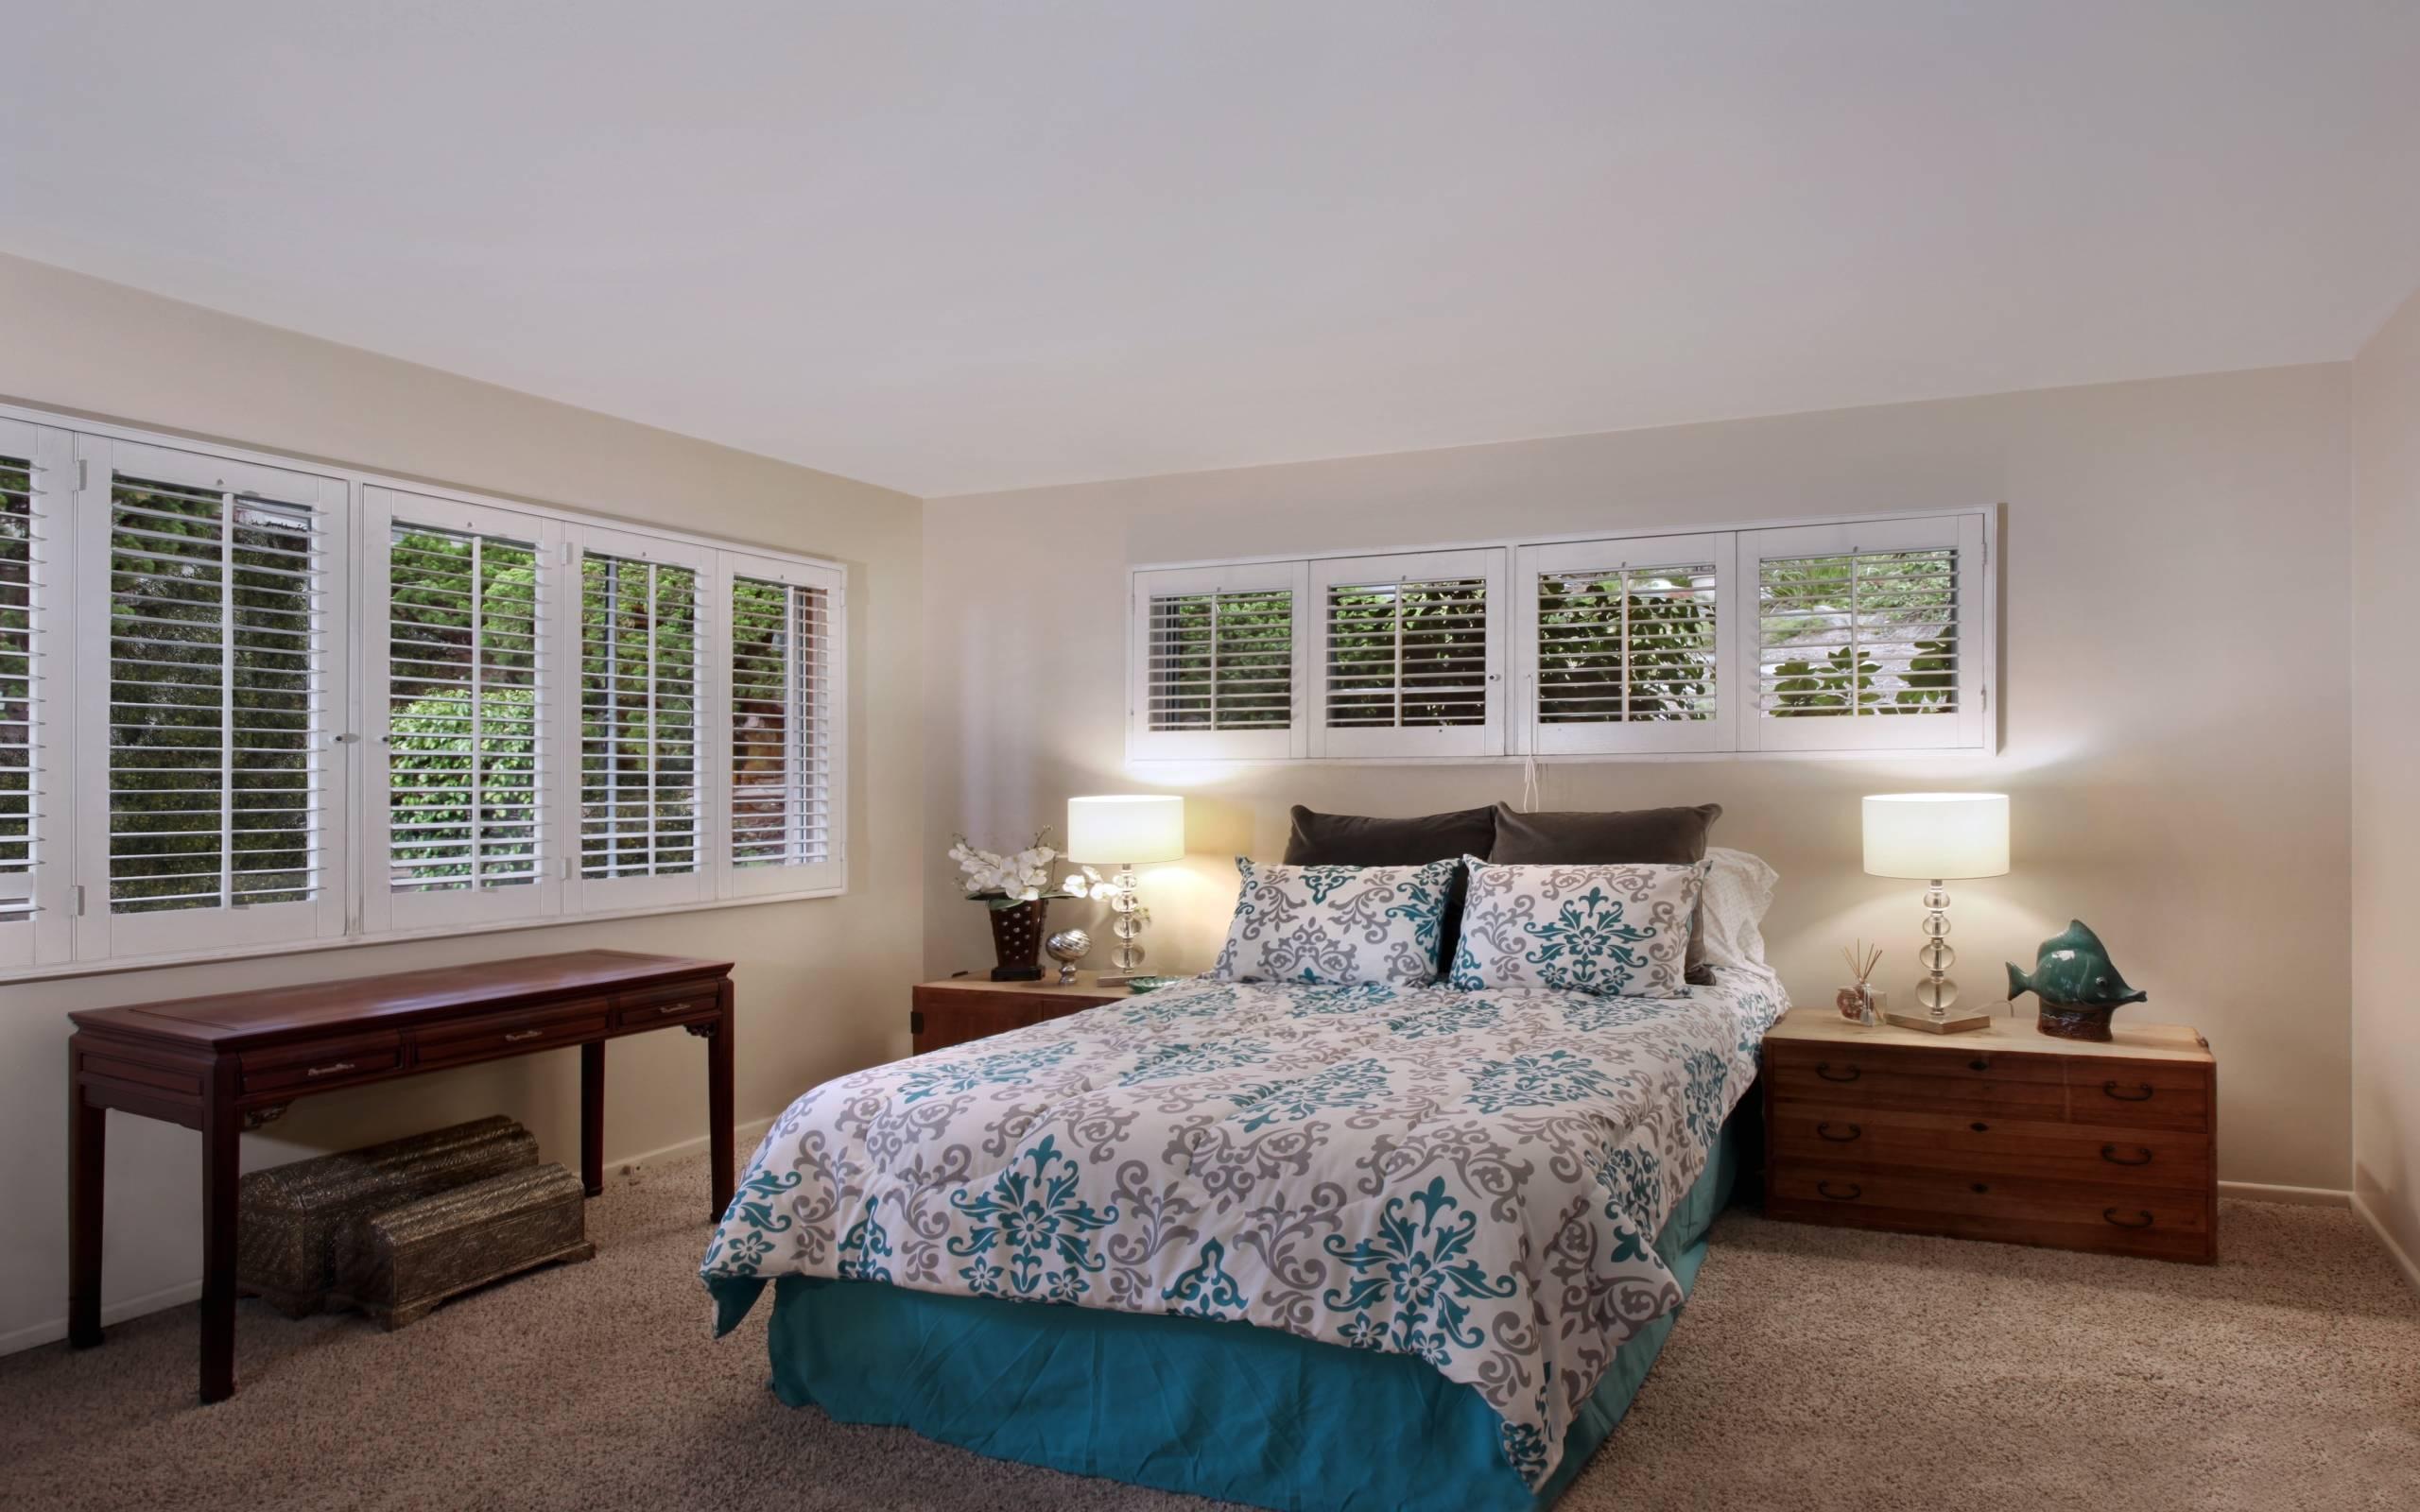 обои спальня, тумбочки, светильники картинки фото